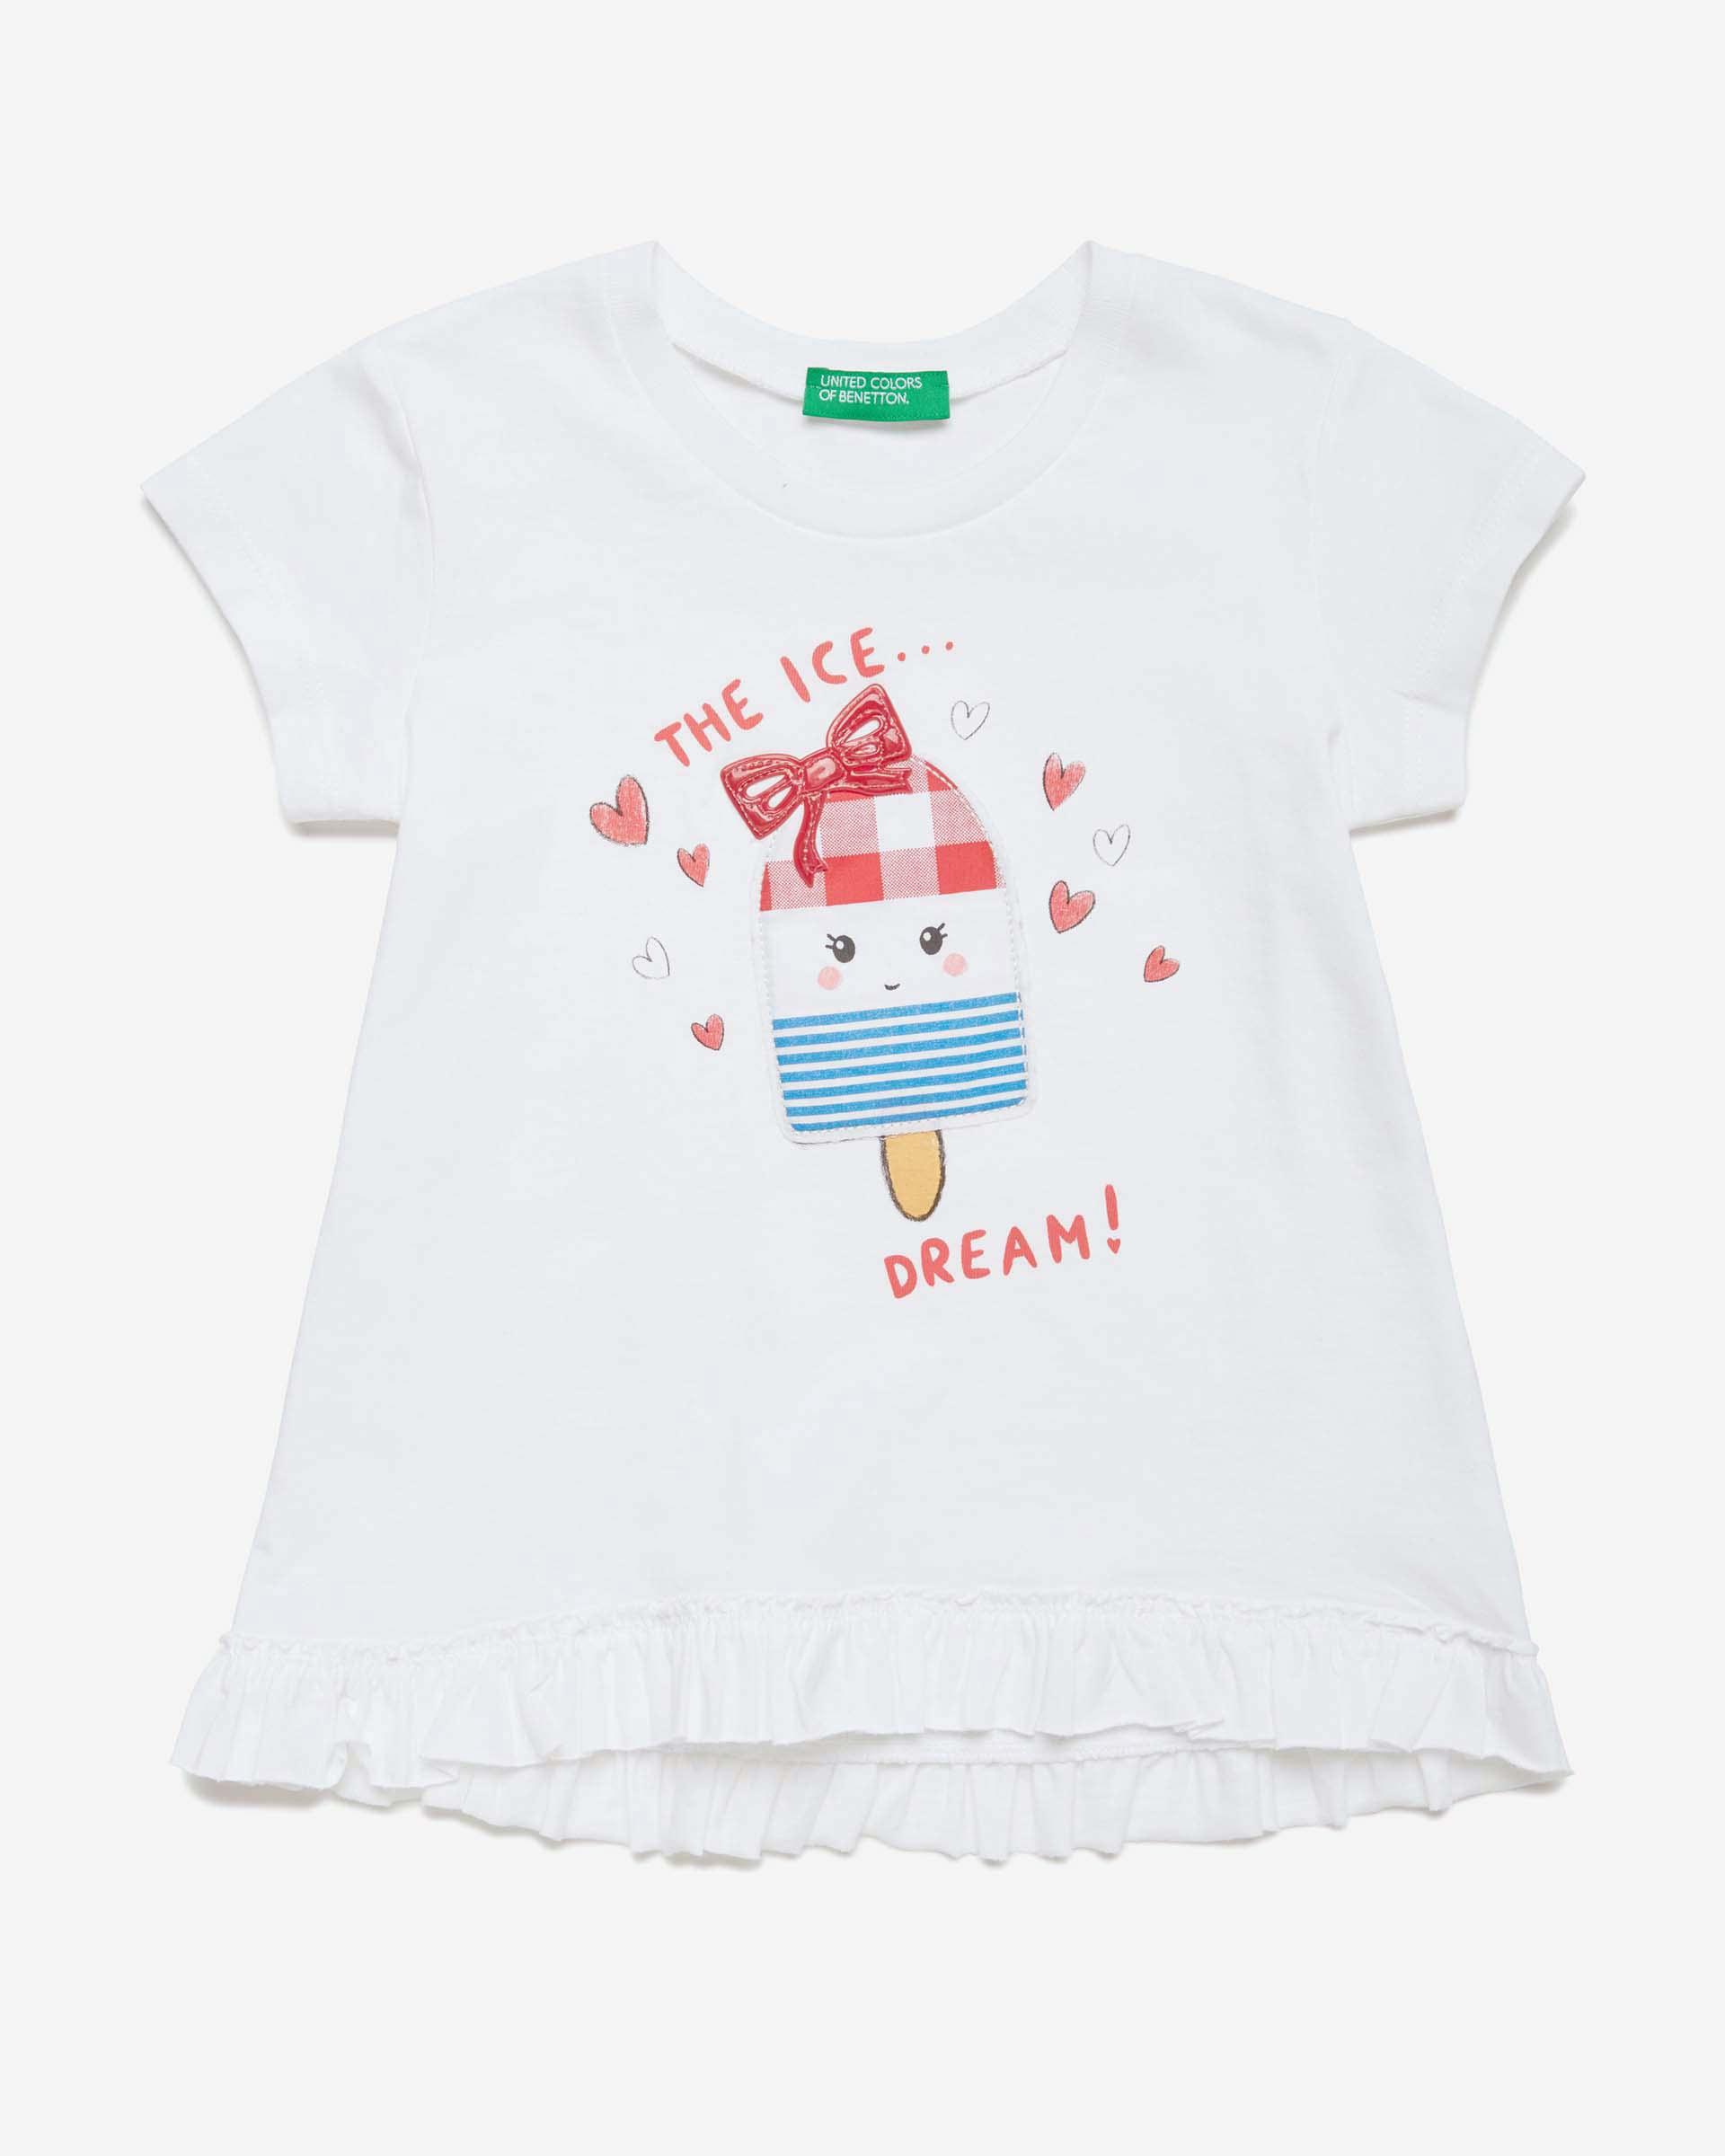 Купить 20P_3096C1BDP_101, Футболка для девочек Benetton 3096C1BDP_101 р-р 92, United Colors of Benetton, Кофточки, футболки для новорожденных